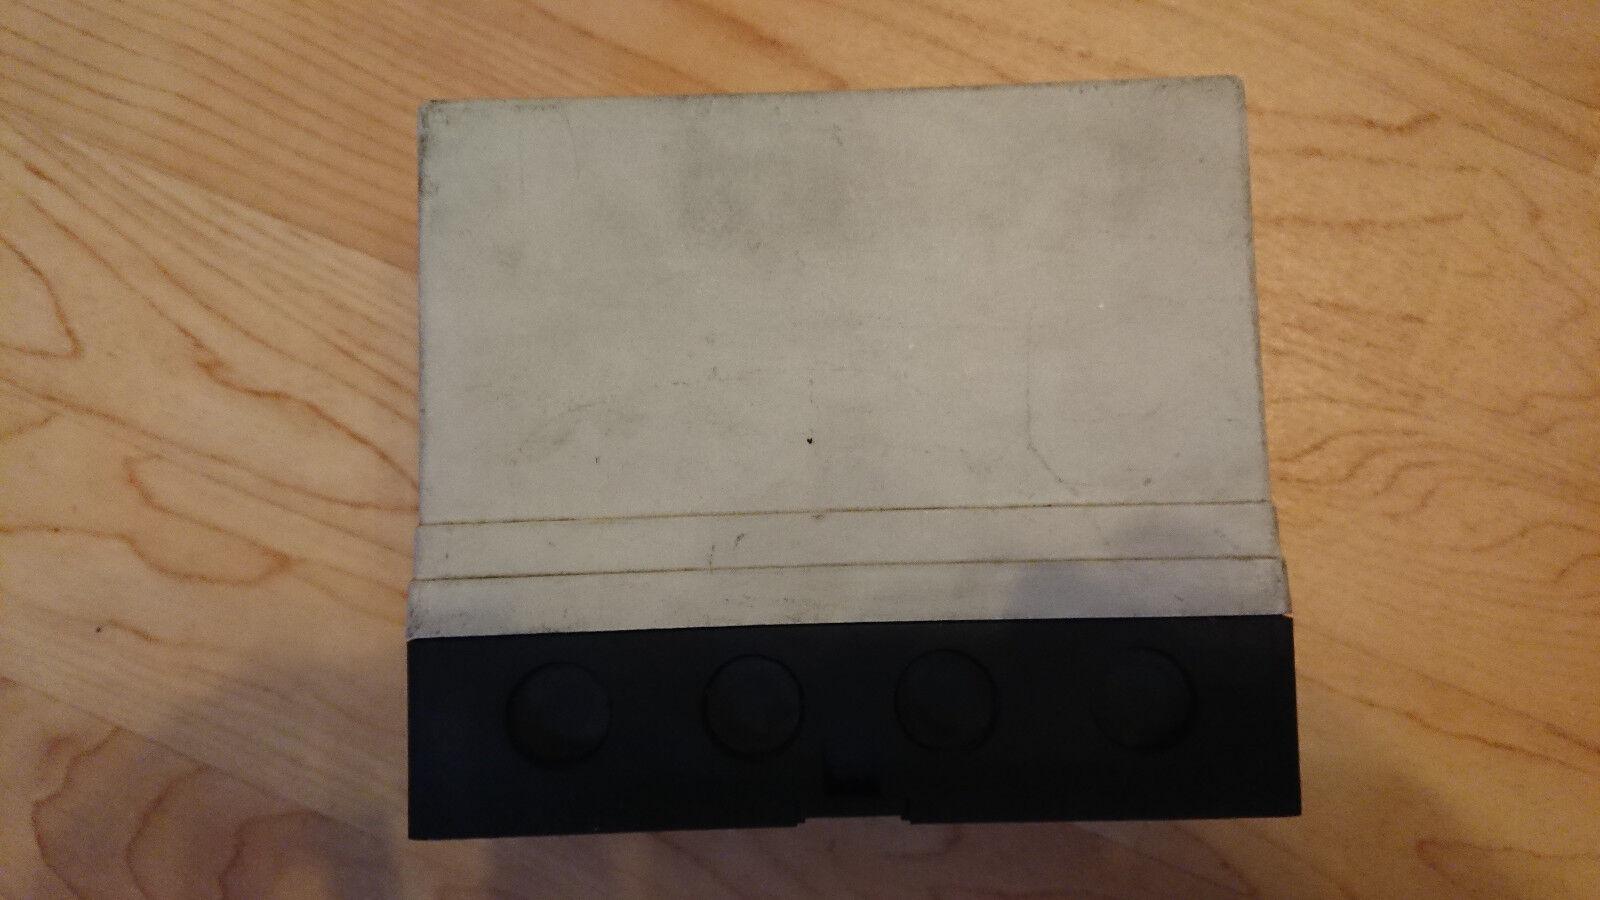 Kromschröder Gasfeuerungsautomat IFS 414 414 414 -3/1/1T d814f0